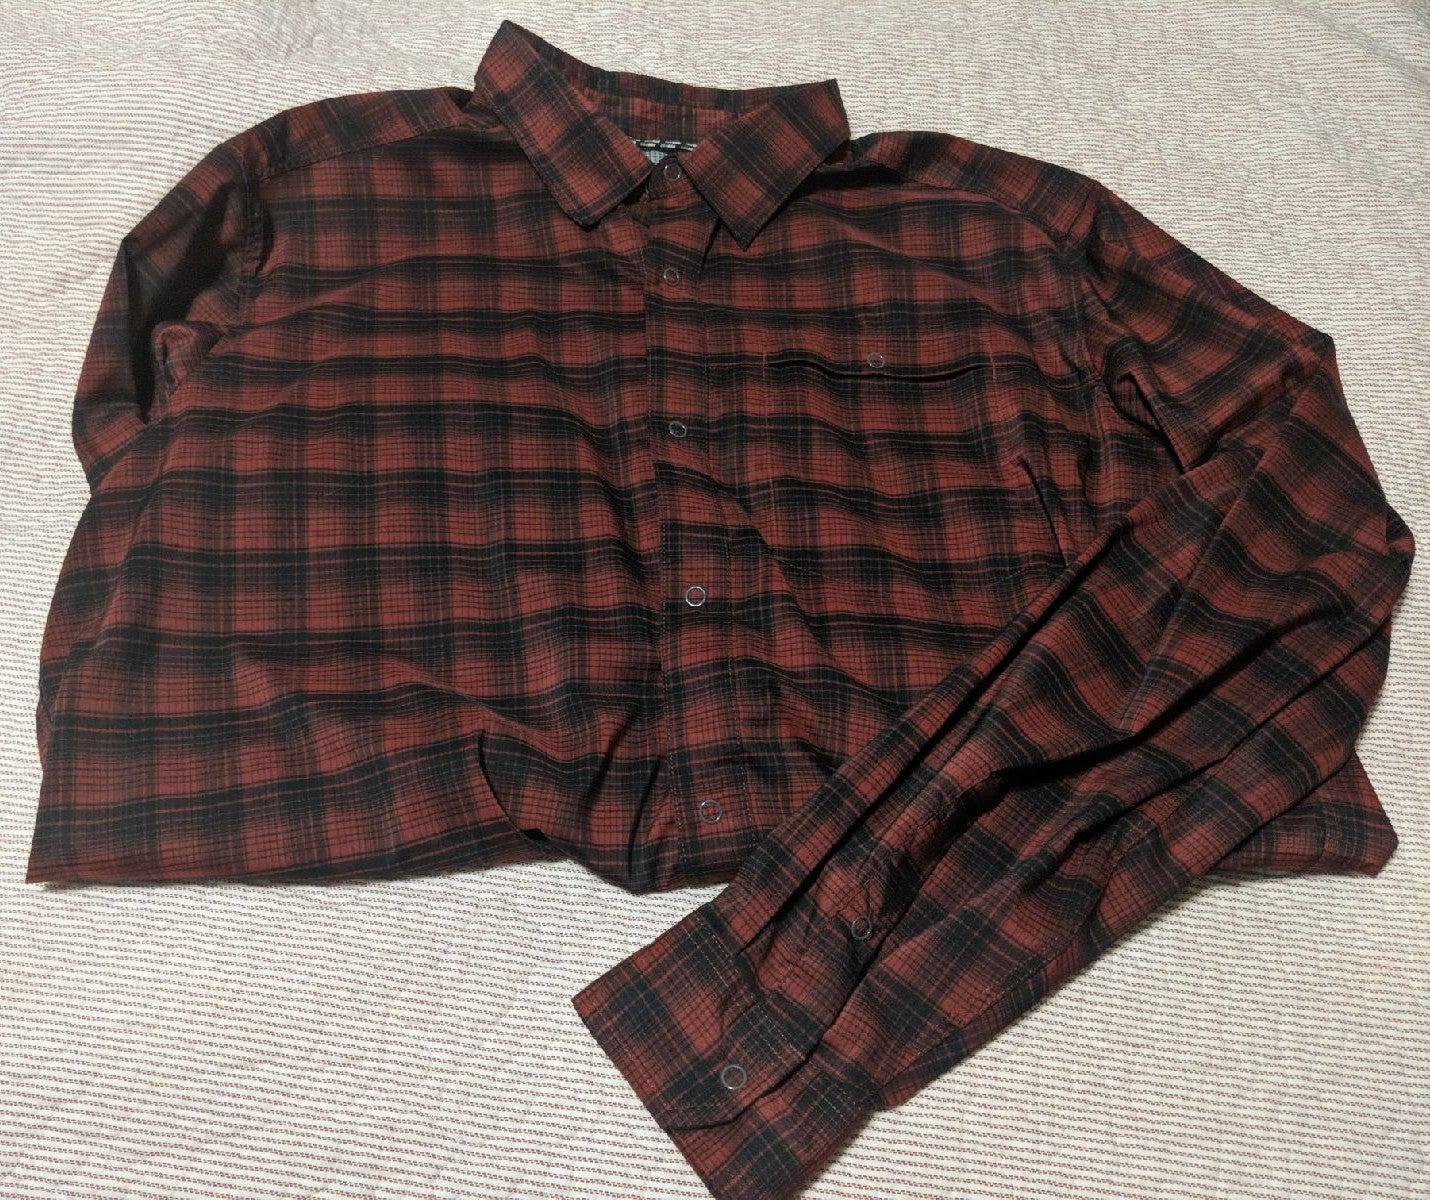 Men's Swiss Tech long sleeve plaid shirt